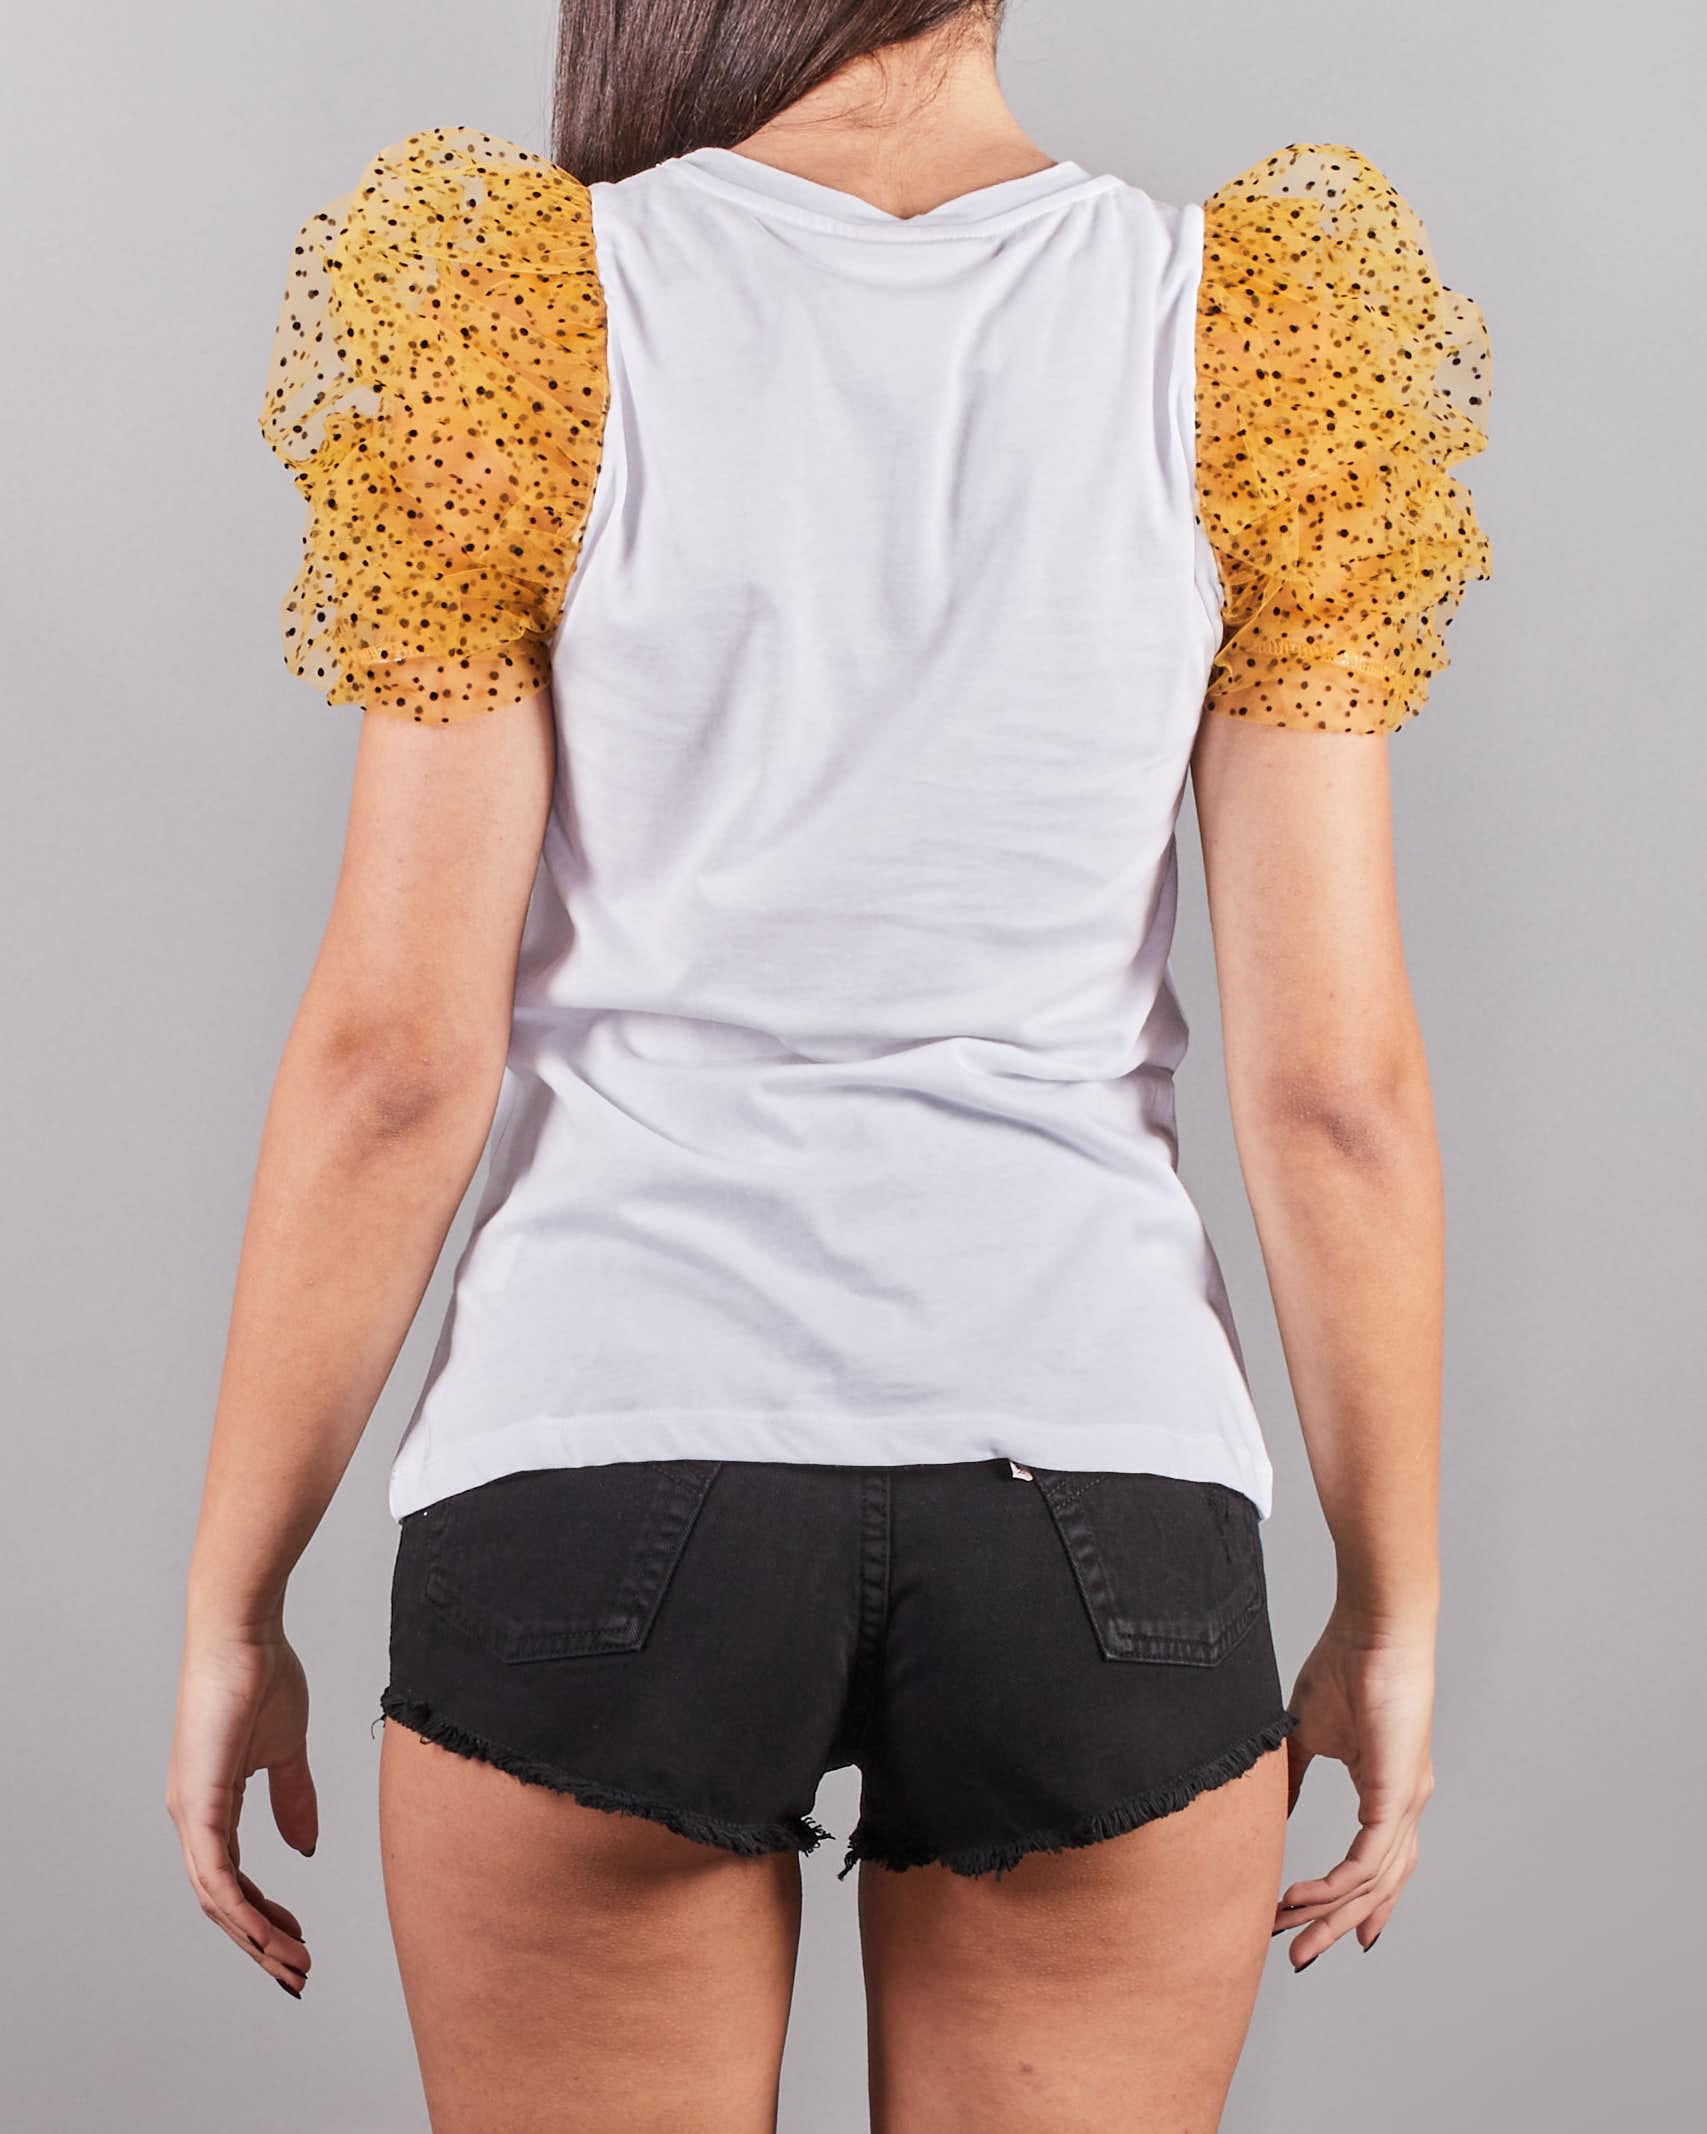 T-shirt Pois Maty Aniye By ANIYE BY | T-shirt | 1856342030